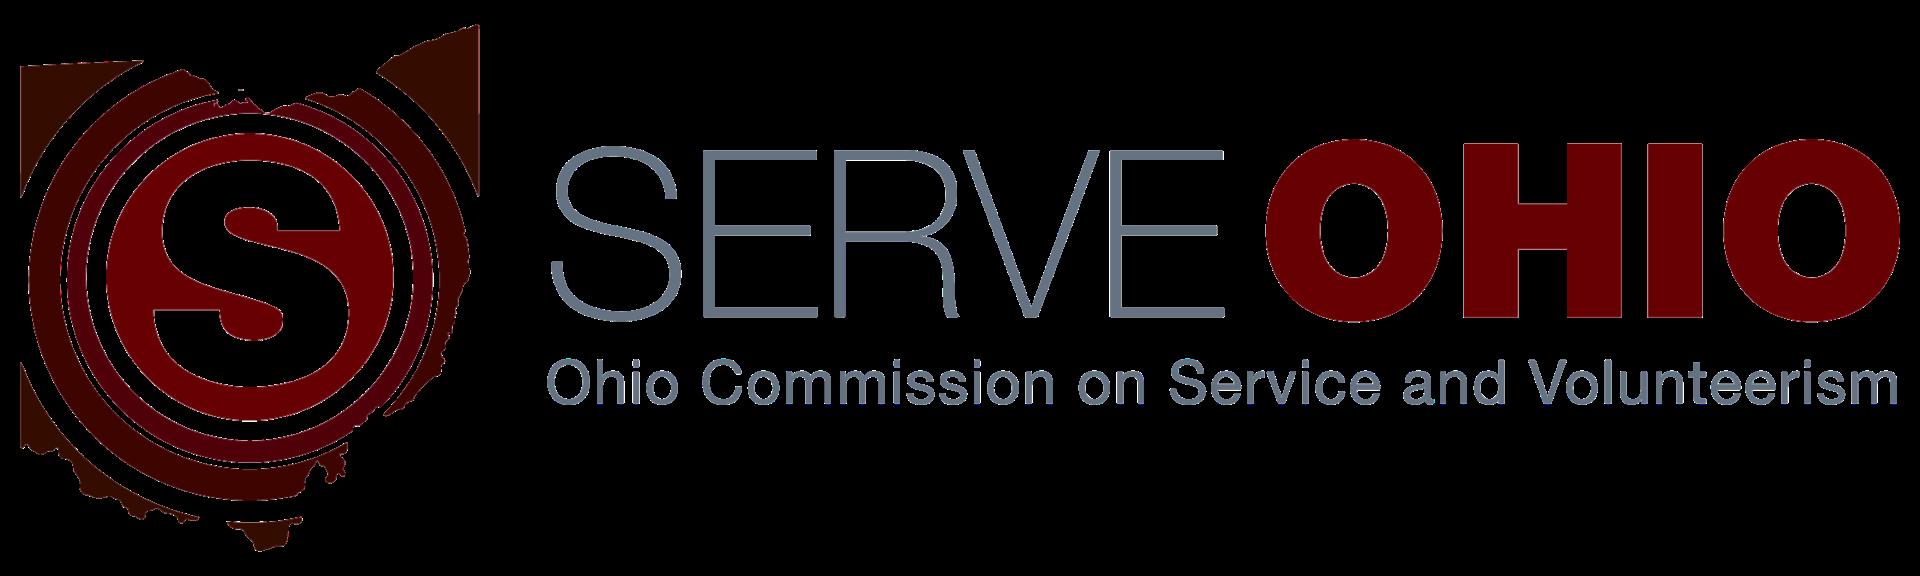 Serve Ohio